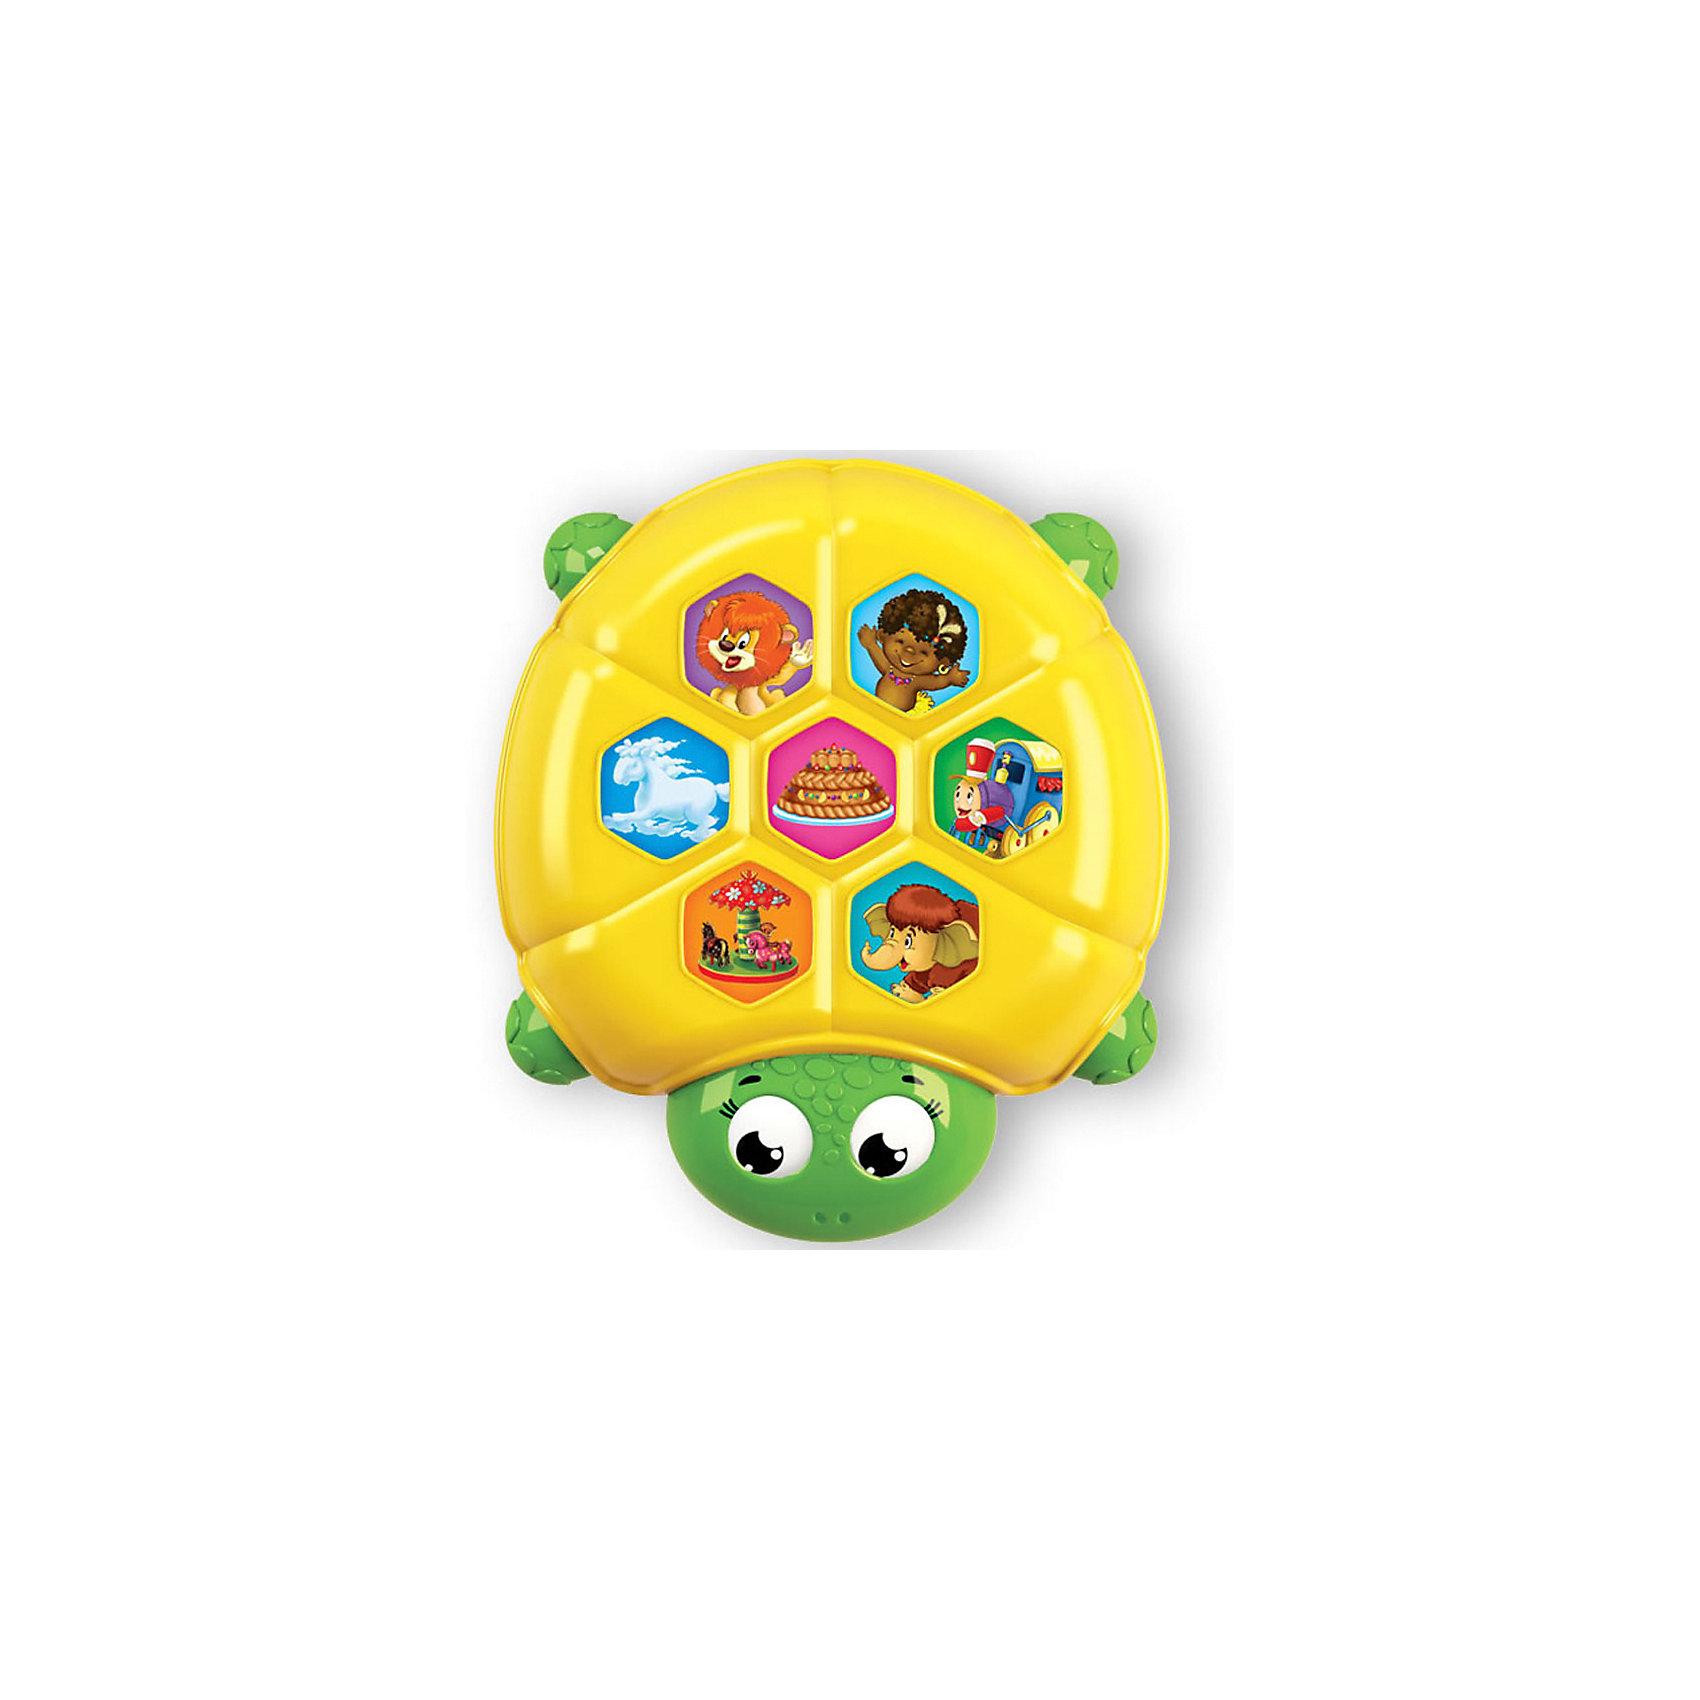 Плеер ЧерепахаПлеер в виде очаровательной черепахи понравится всем малышам! Играй с яркой черепашкой, нажимай на кнопочки, слушай любимые мелодии! <br>Прекрасный подарок на любой праздник. <br><br>Дополнительная информация:<br><br>- Материал: пластик. <br>- Размер: 11х11 см. <br>- Элемент питания: ААА батарейки (в комплекте).<br>- Регулировка громкости. <br>- 7 песенок: Песня львёнка и Черепахи, Чунга-чанга, Каравай, Облака, Песенка паровозика, Веселая карусель, Песенка Мамонтенка. <br><br>Плеер Черепаха можно купить в нашем магазине.<br><br>Ширина мм: 19<br>Глубина мм: 19<br>Высота мм: 19<br>Вес г: 120<br>Возраст от месяцев: 24<br>Возраст до месяцев: 48<br>Пол: Унисекс<br>Возраст: Детский<br>SKU: 4951744